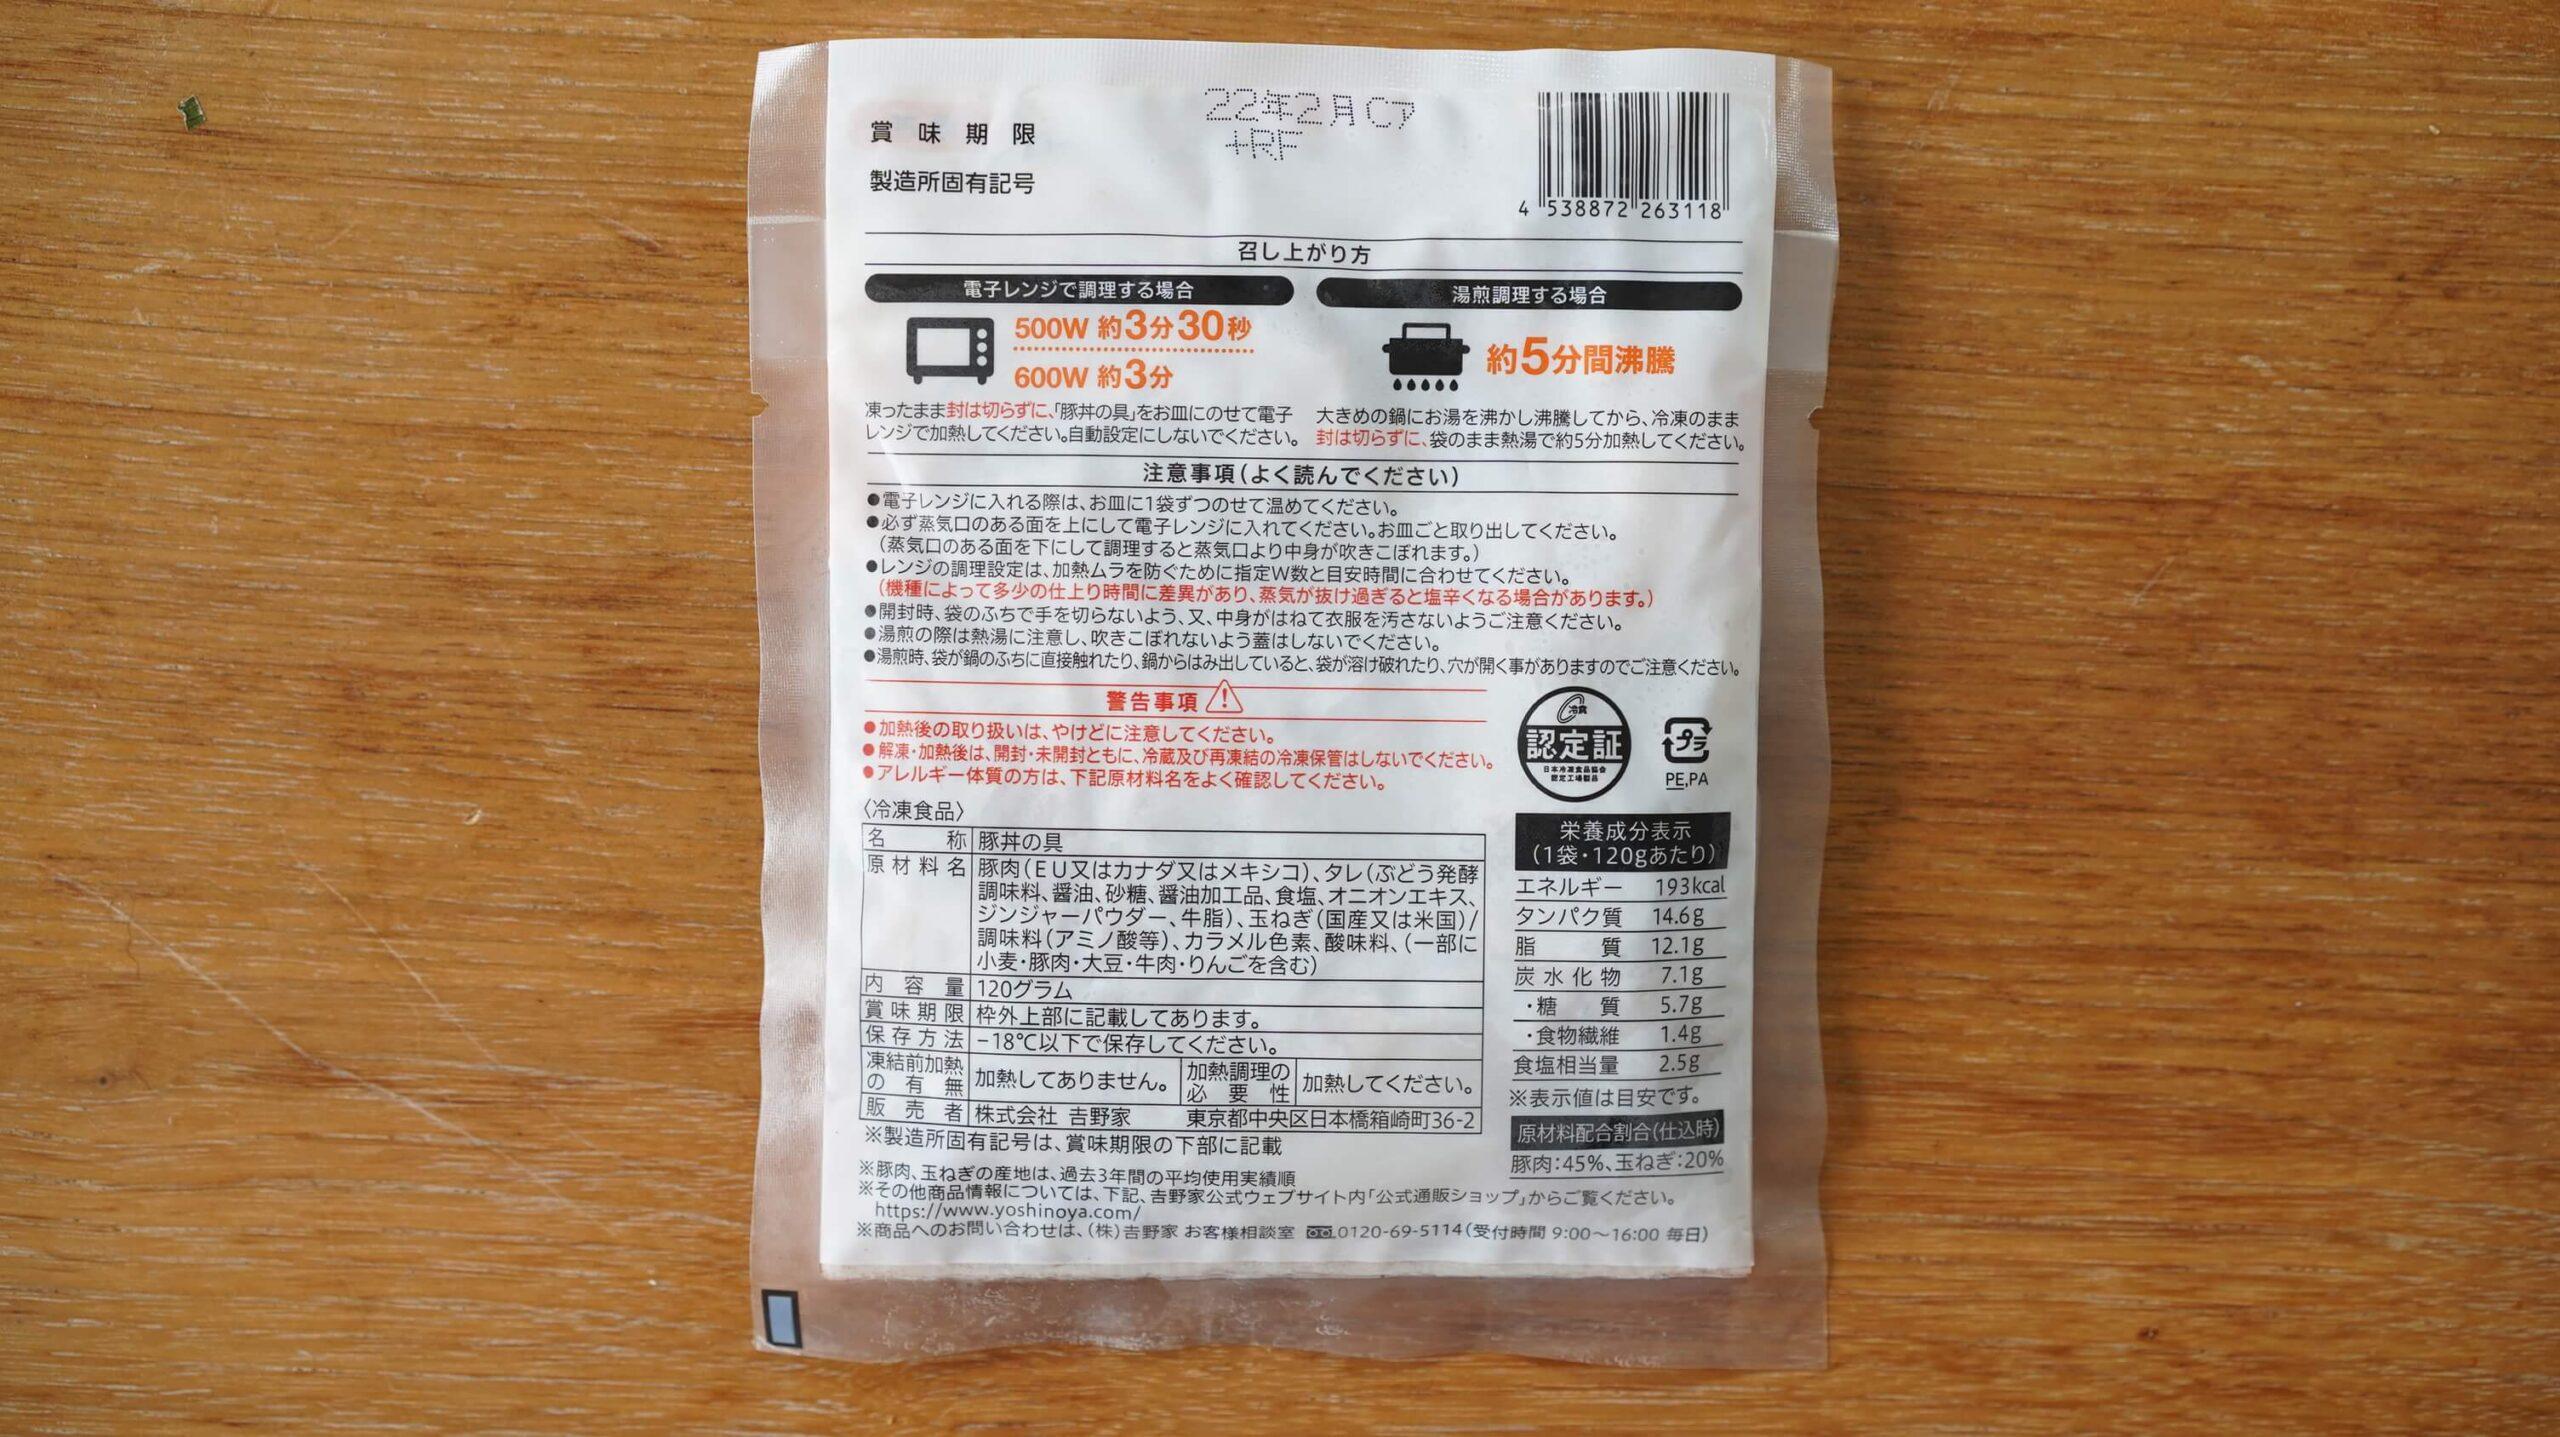 吉野家の冷凍食品「豚丼」のパッケージ裏面の写真